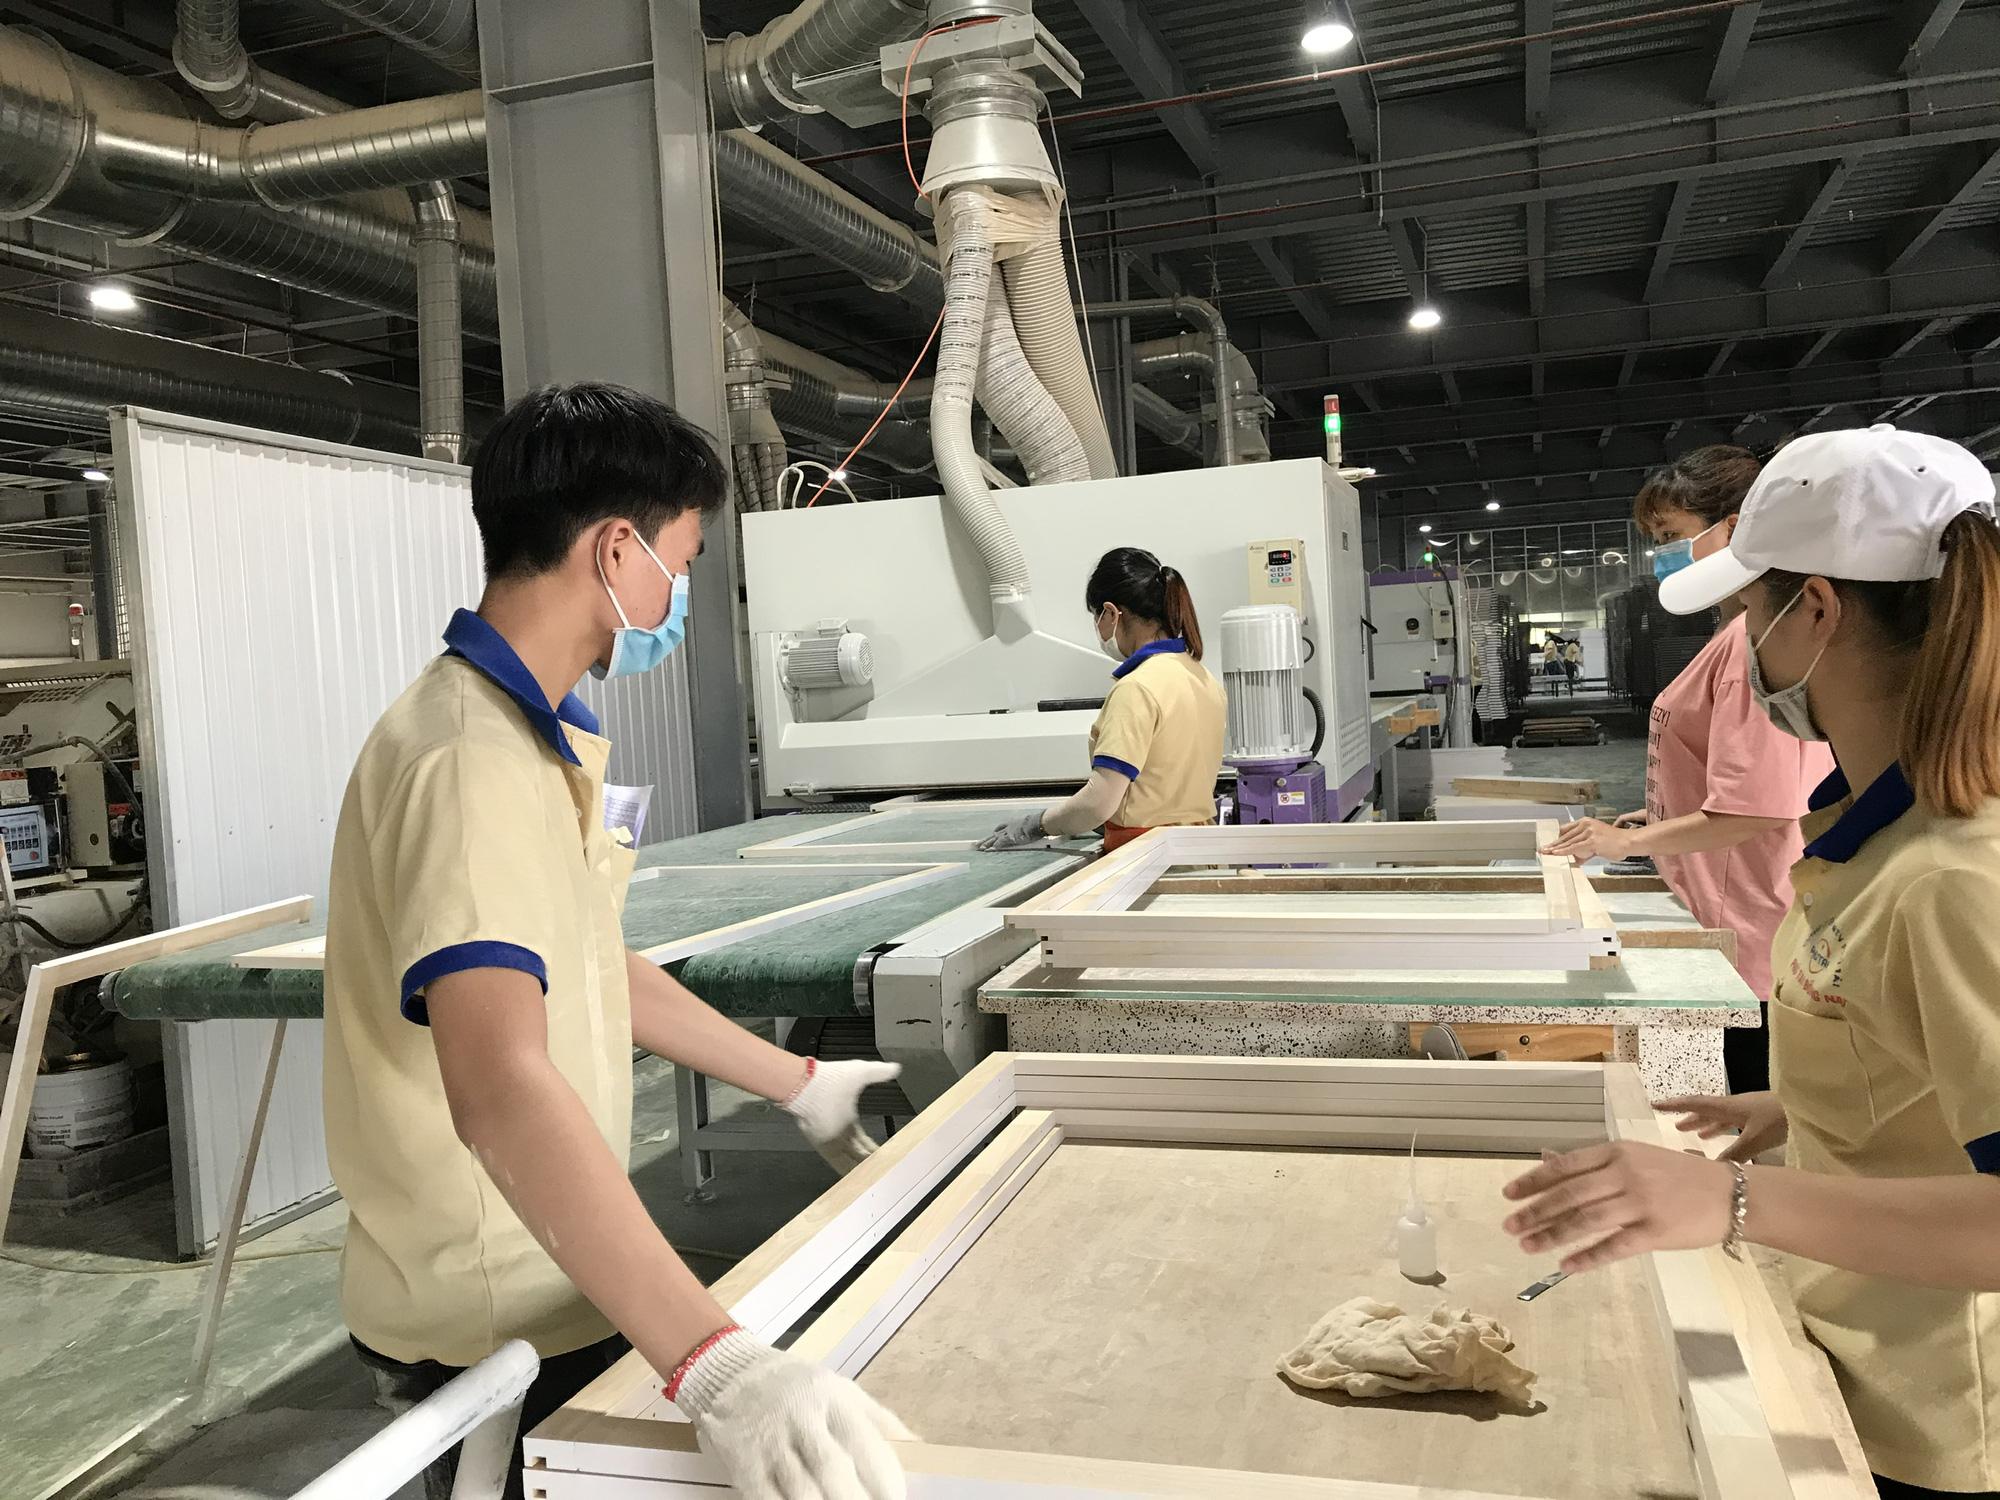 Nhu cầu mua sản phẩm này của Mỹ lên tới 100 tỷ USD, doanh nghiệp Việt Nam muốn tái sản xuất đón cơ hội - Ảnh 2.